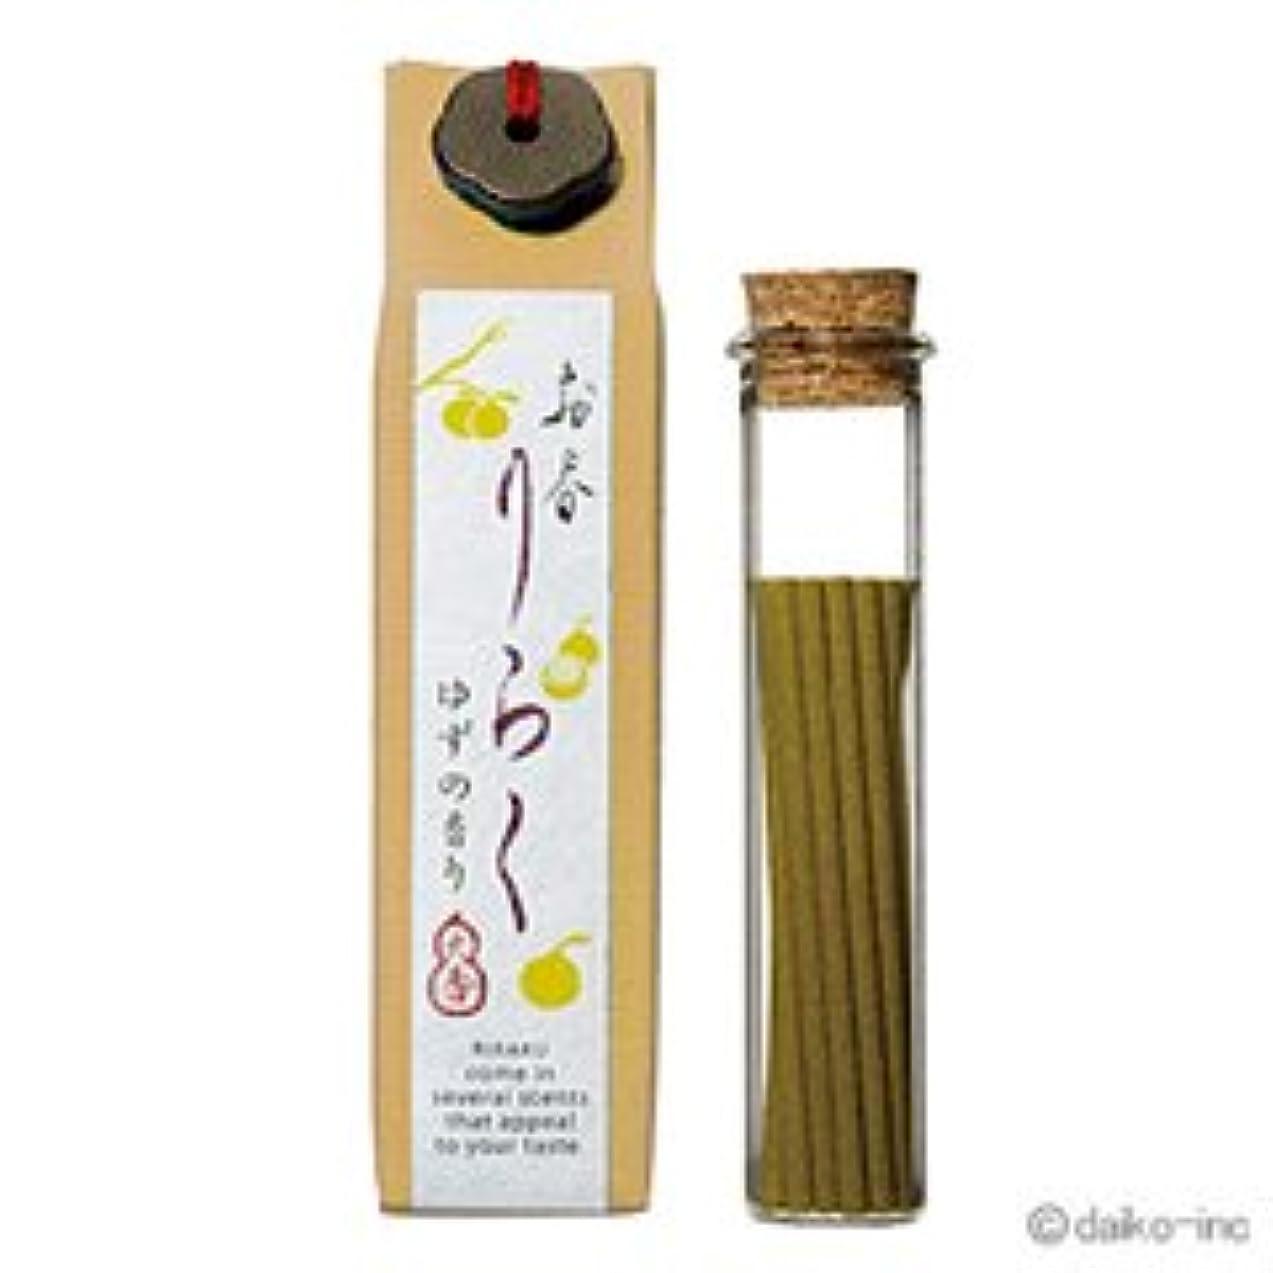 腸お茶非互換【大香】お香 りらく ゆず 15本入